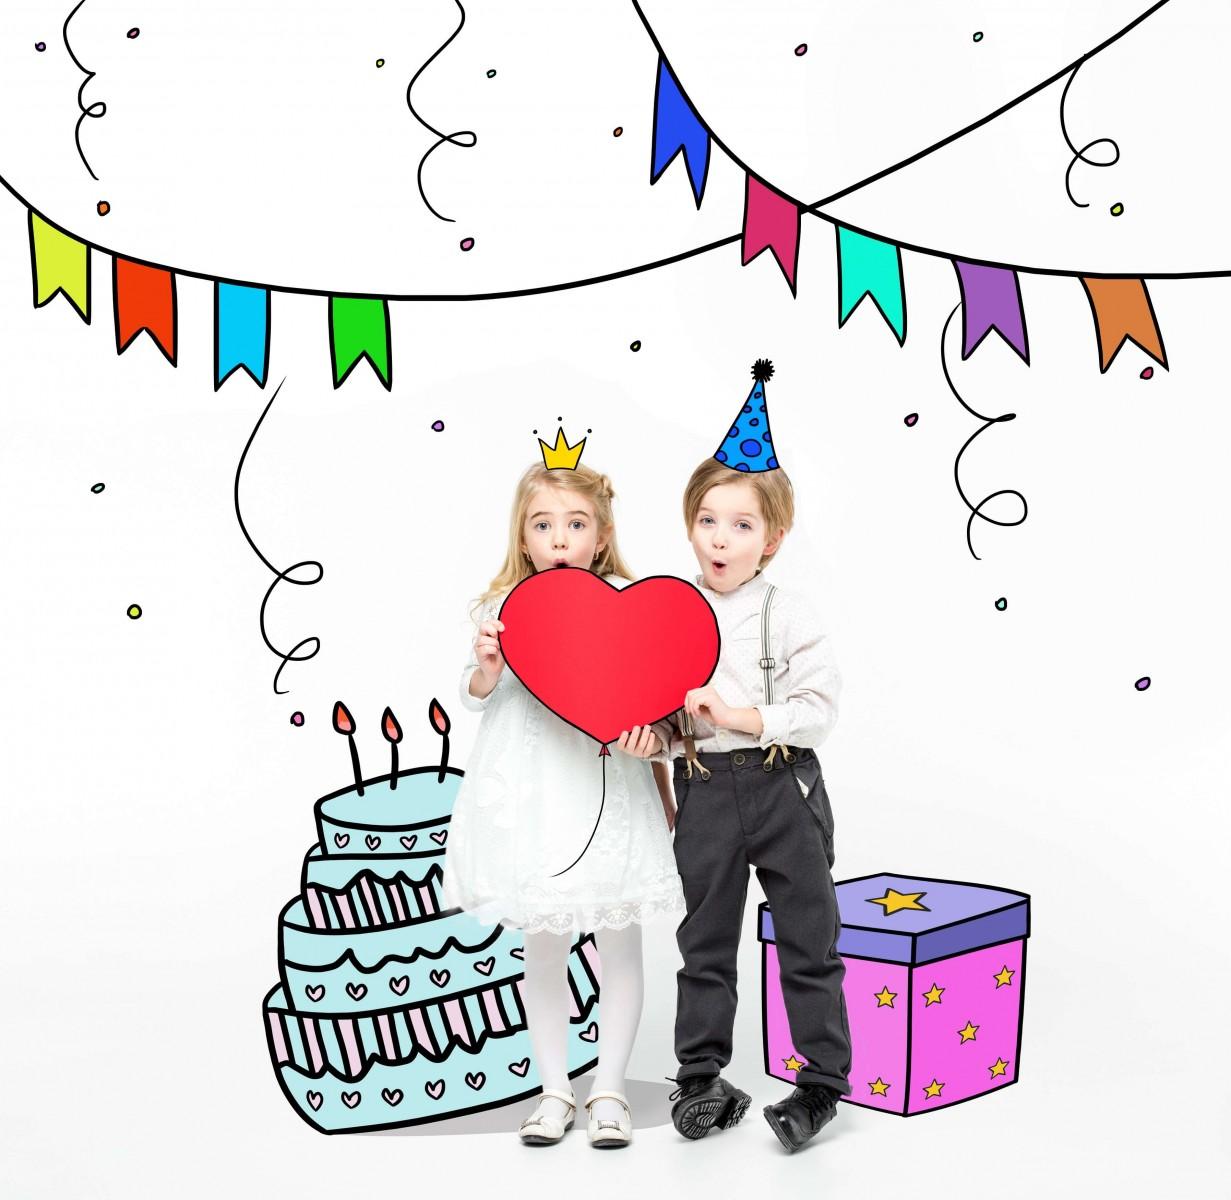 Організація дитячого свята для дітей від 1 до 4 років